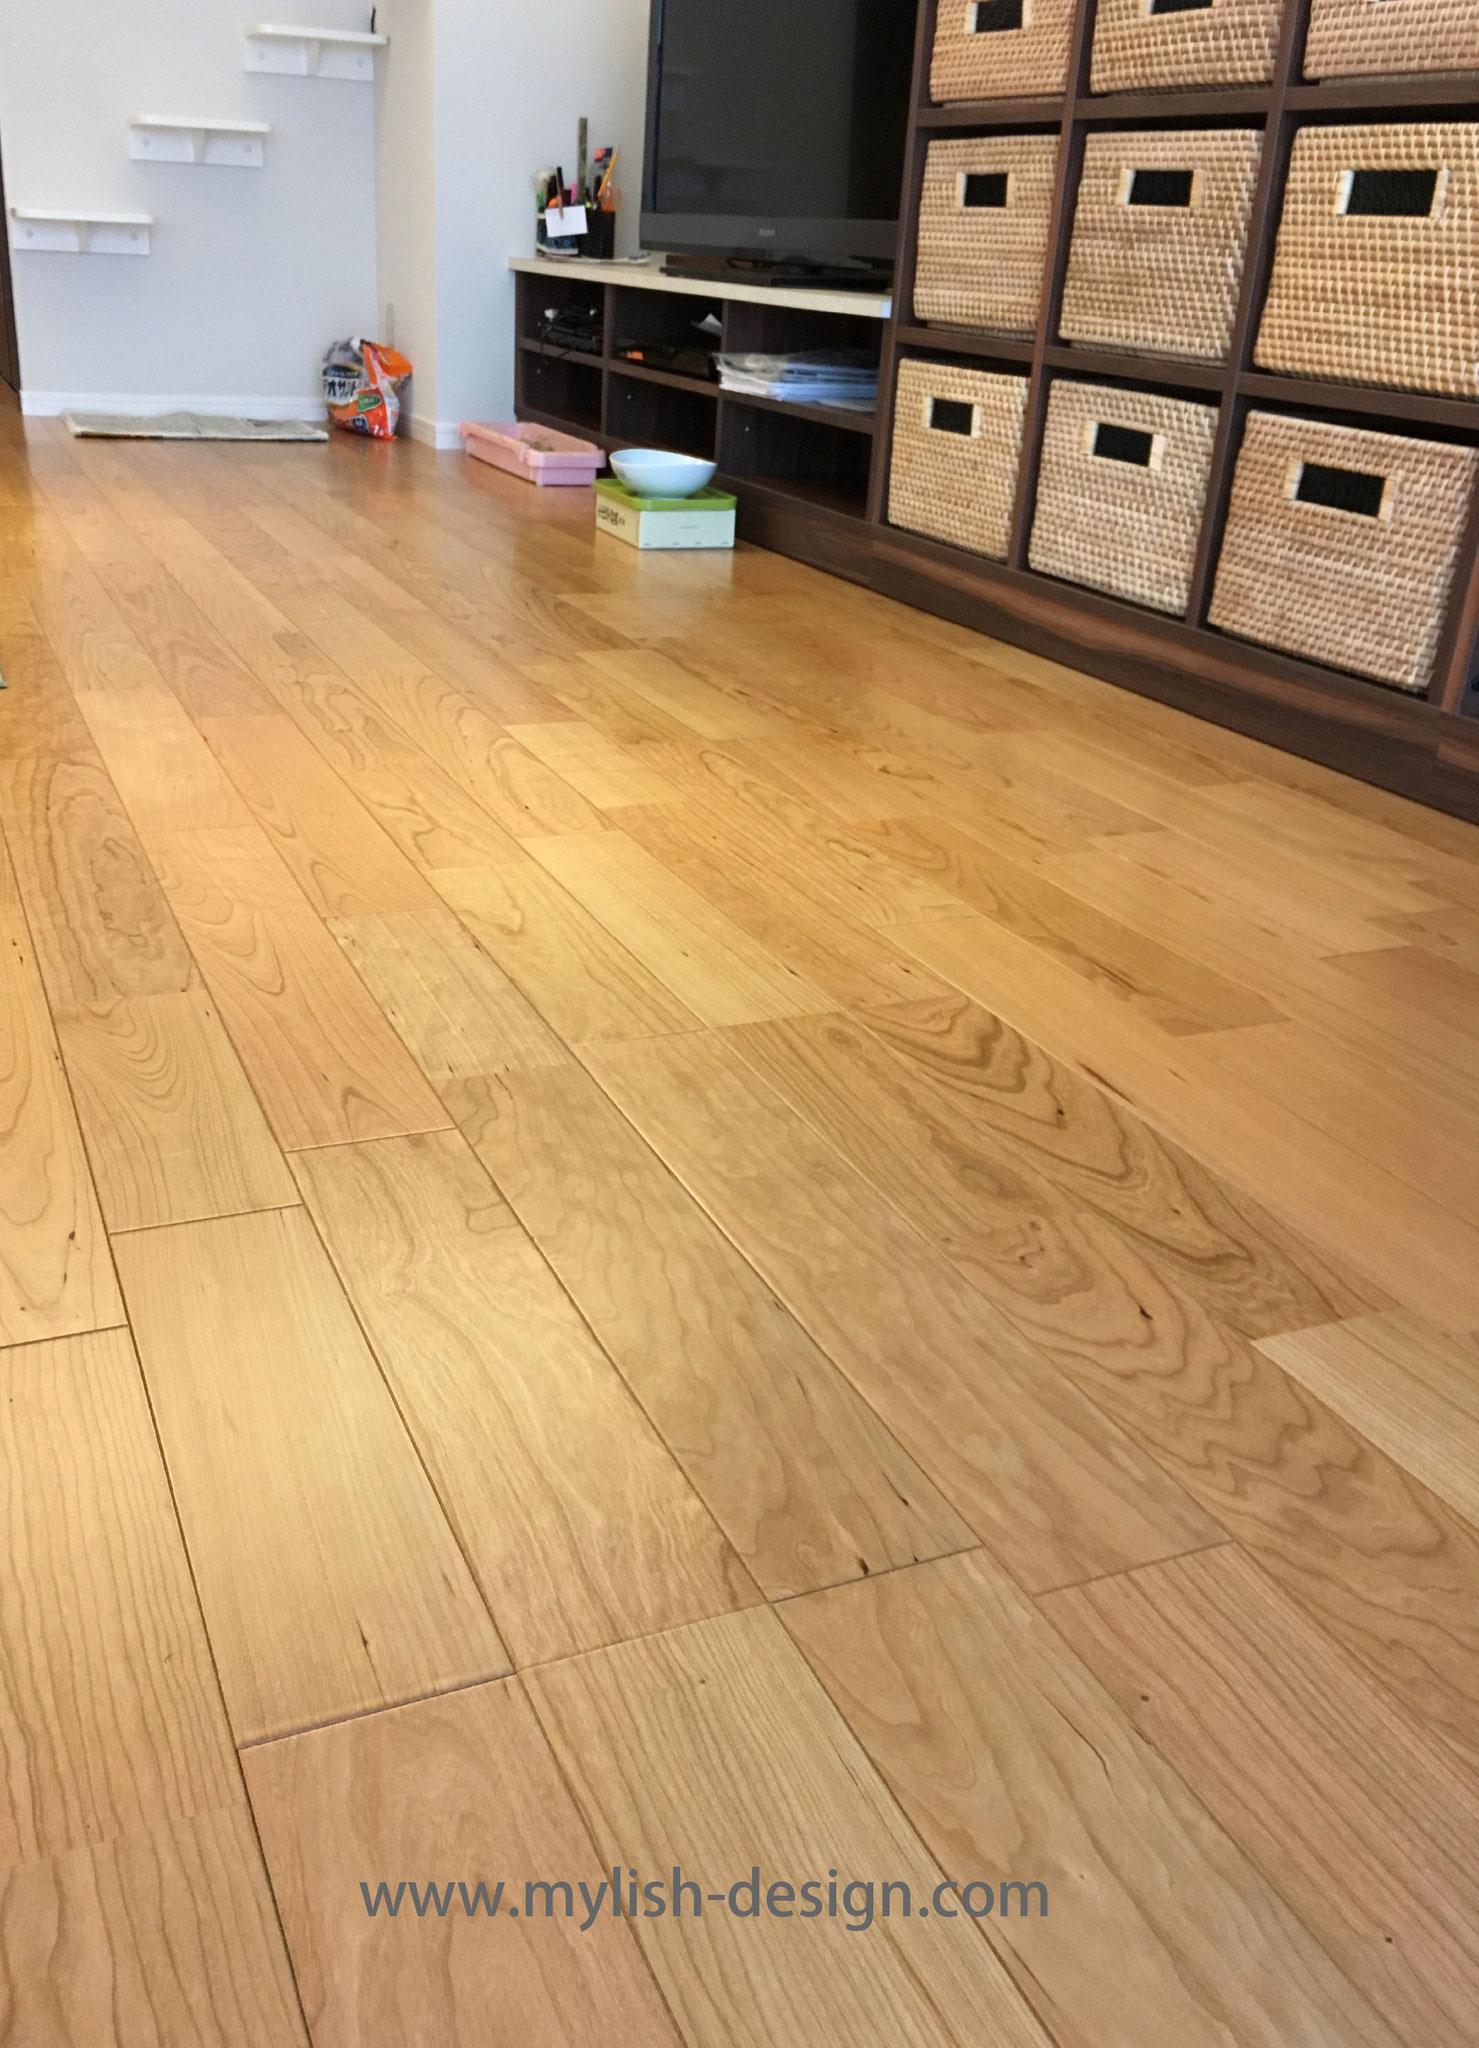 床材はライブナチュラル ブラックチェリー(朝日ウッドテック)本物の木のエネルギーを感じます。思わず裸足で歩きたくなる床です。とても美しい床になりました。